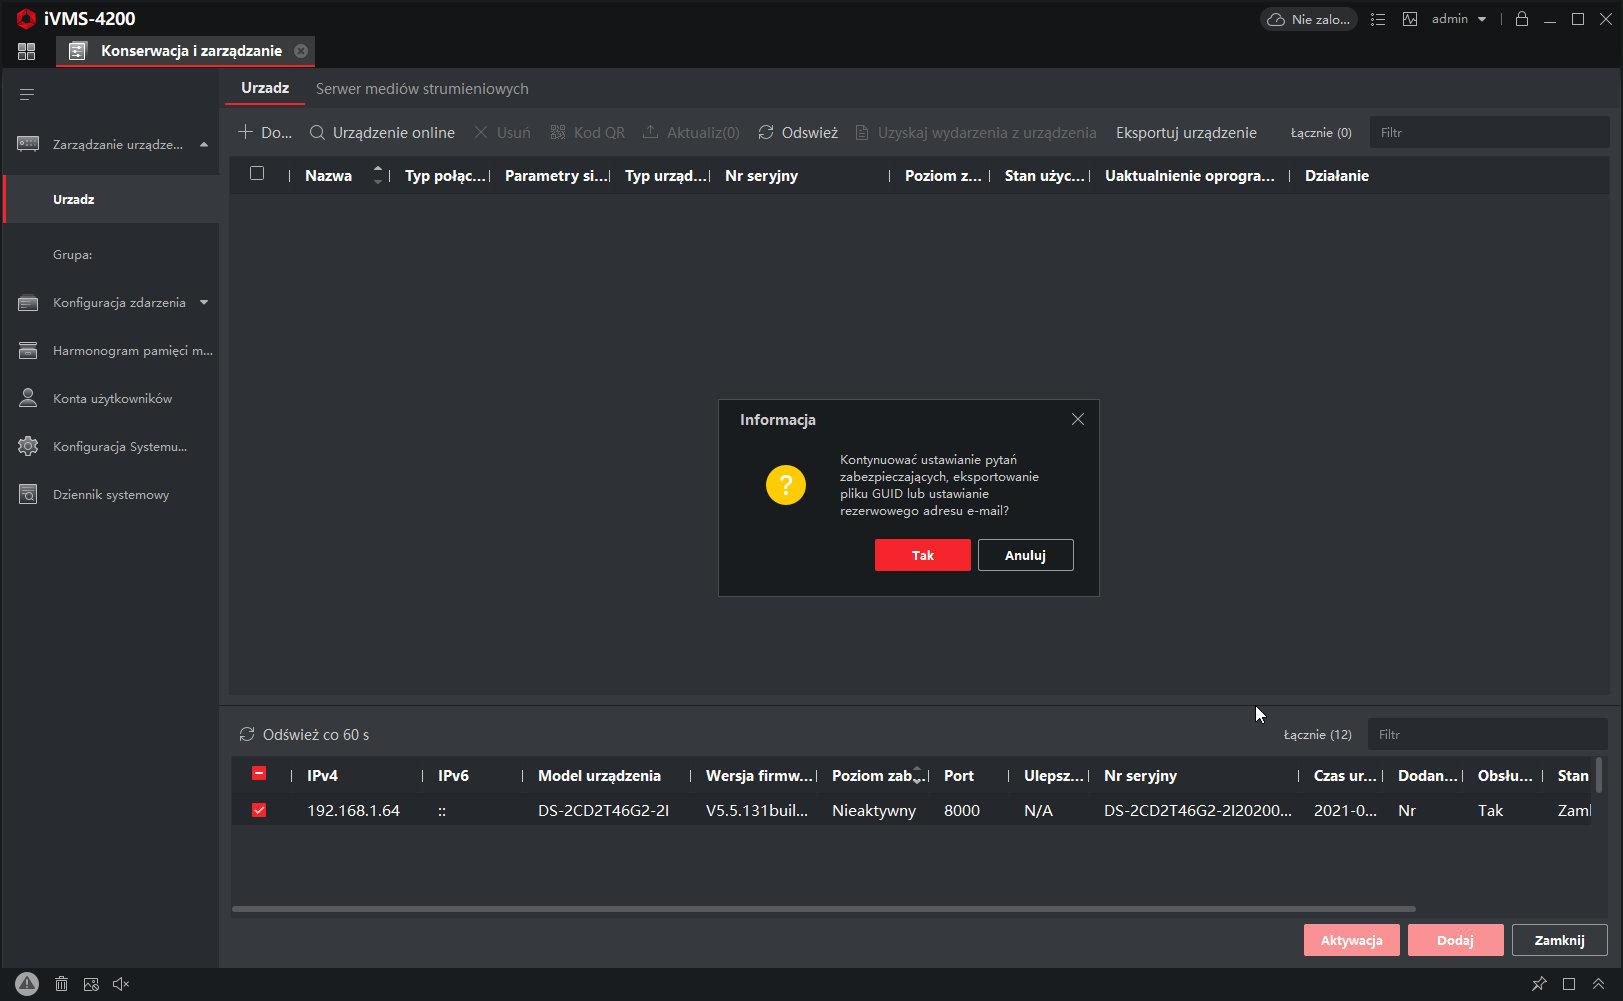 hik-connect - ivms-4200 - zarządzanie urządzeniem - informacja odzyskiwania hasła